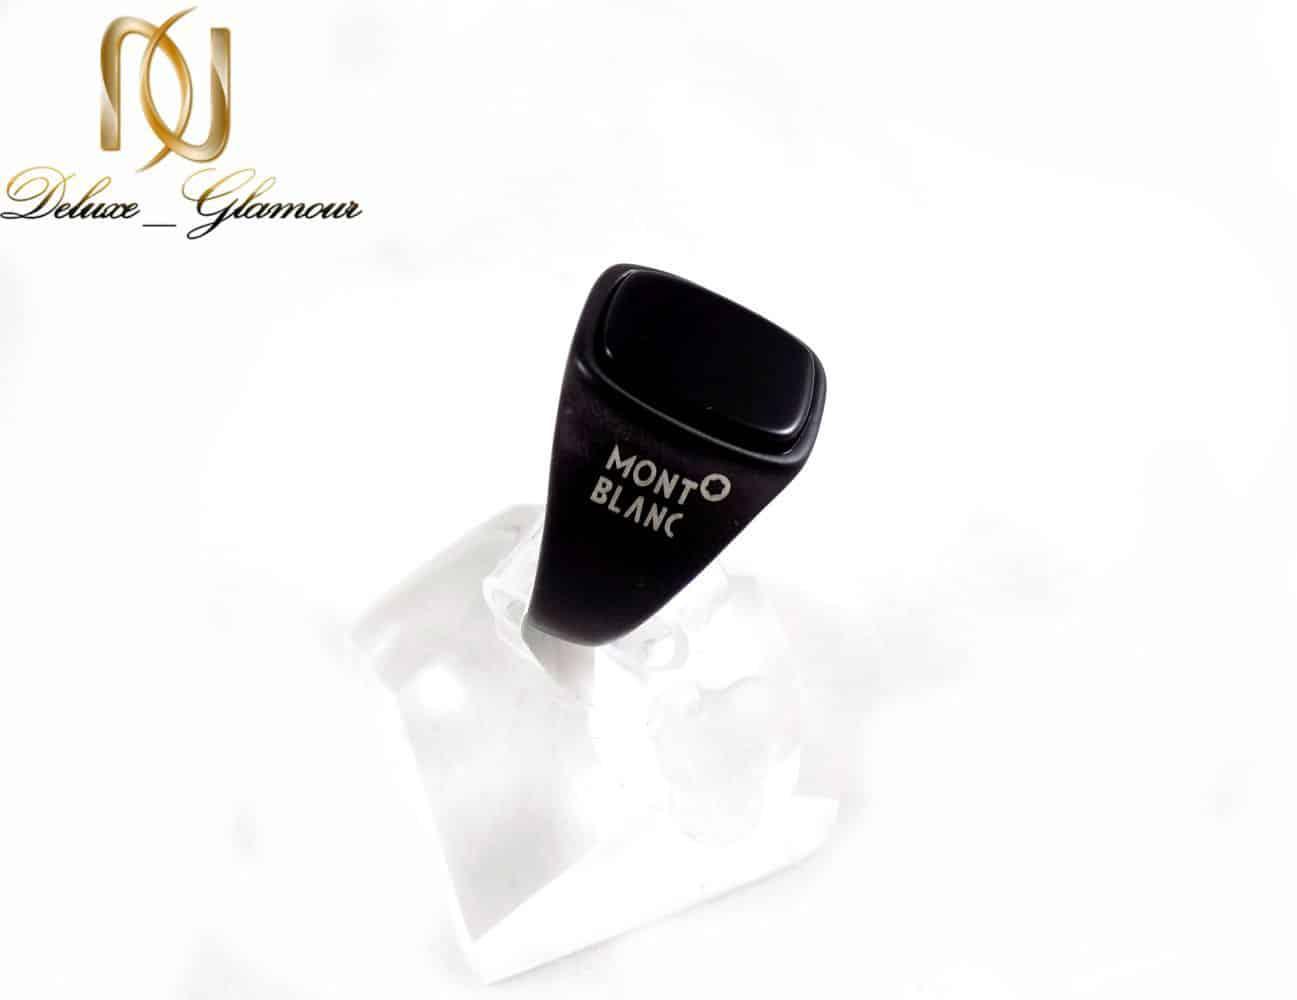 انگشتر مردانه استیل مشکی طرح مونت بلانک با نگین برجسته RG-N178 از نمای روبرو